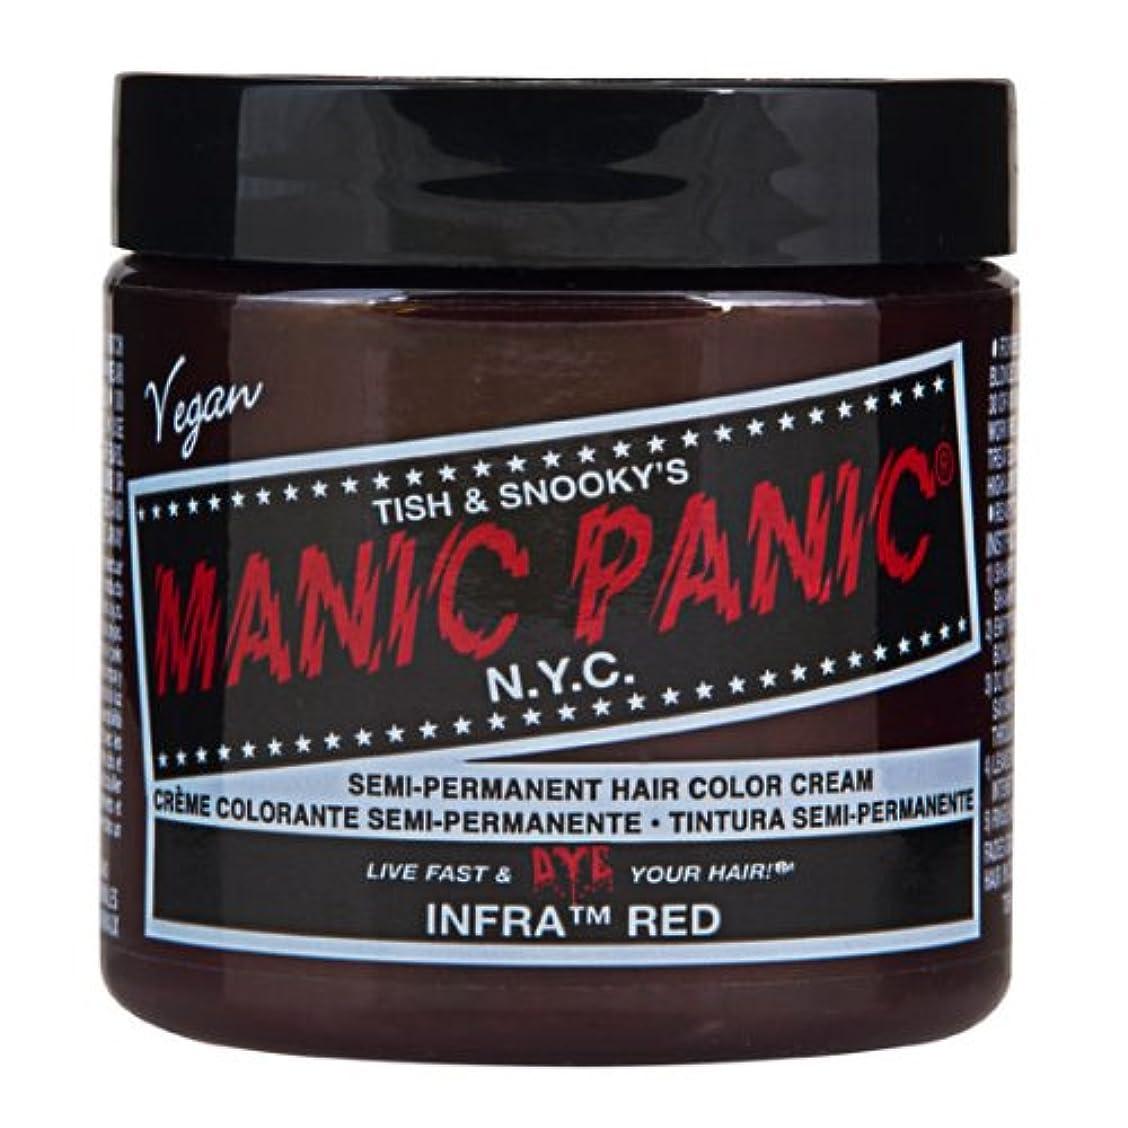 モザイク真面目な許容マニックパニック MANIC PANIC ヘアカラー 118mlインフラレッド ヘアーカラー